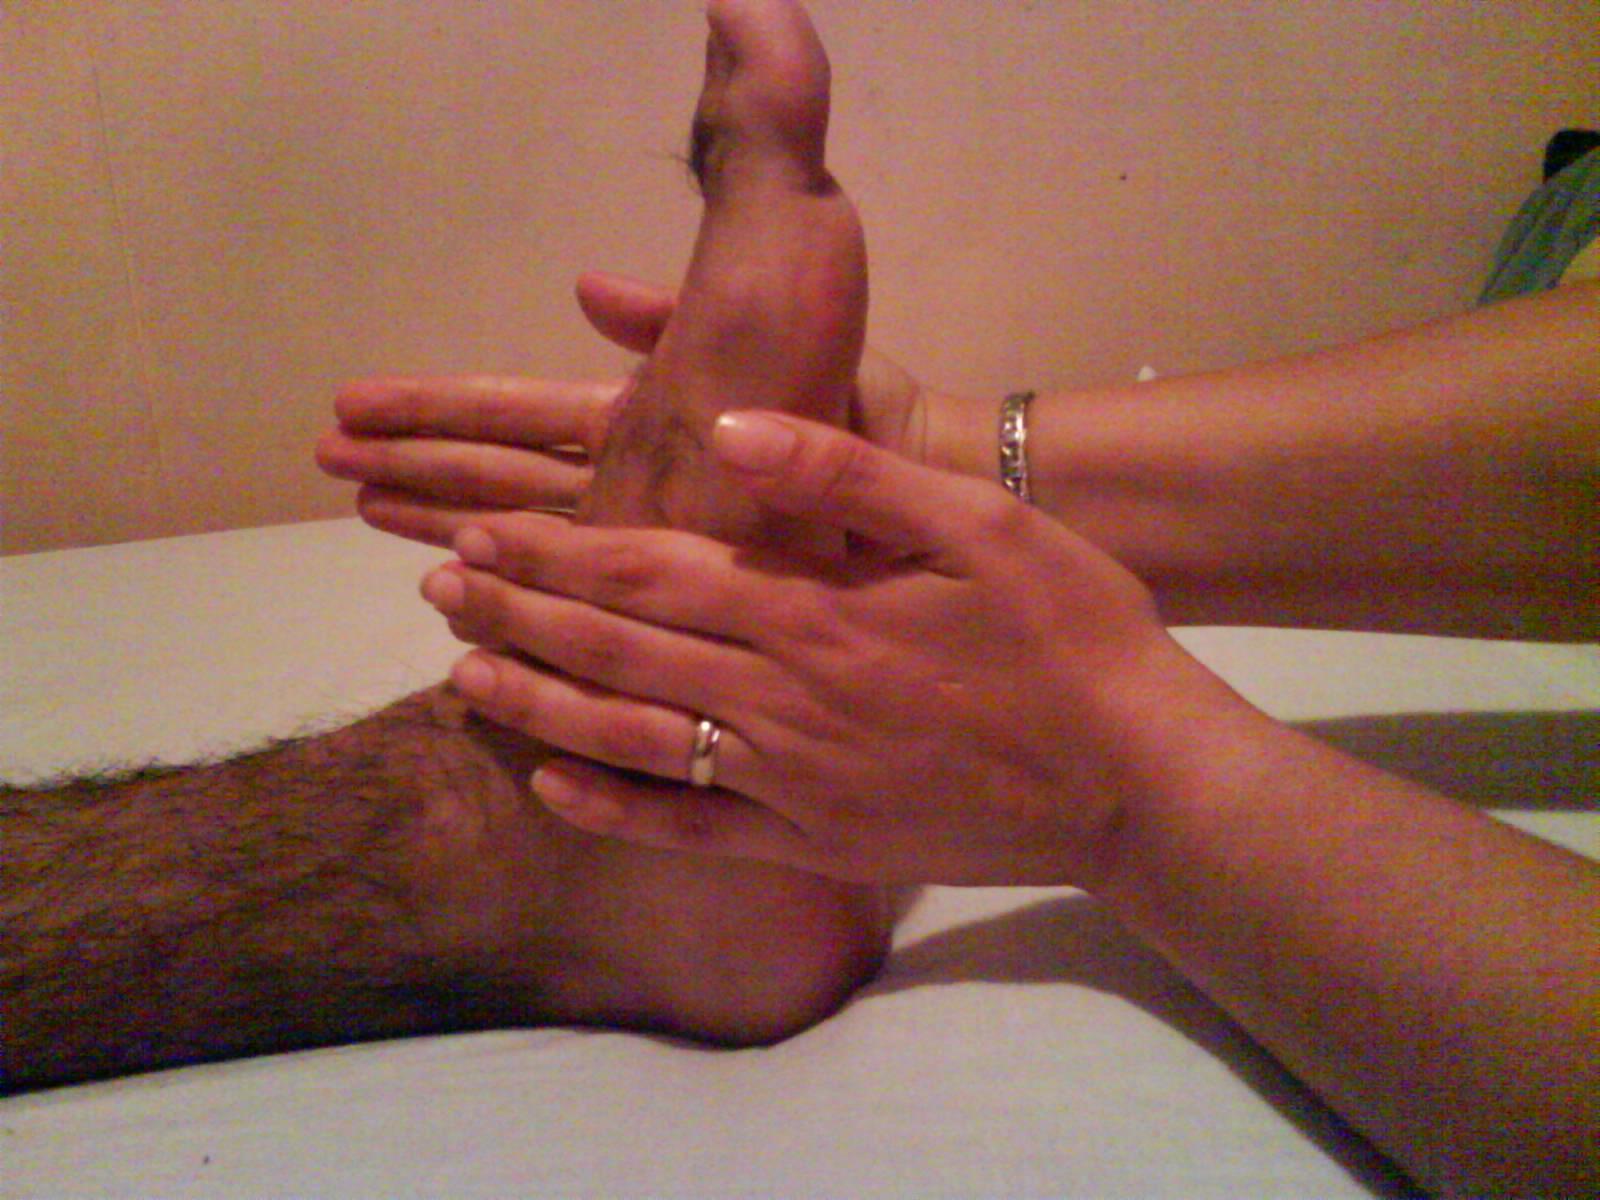 Pies de la mano alemana en la cara